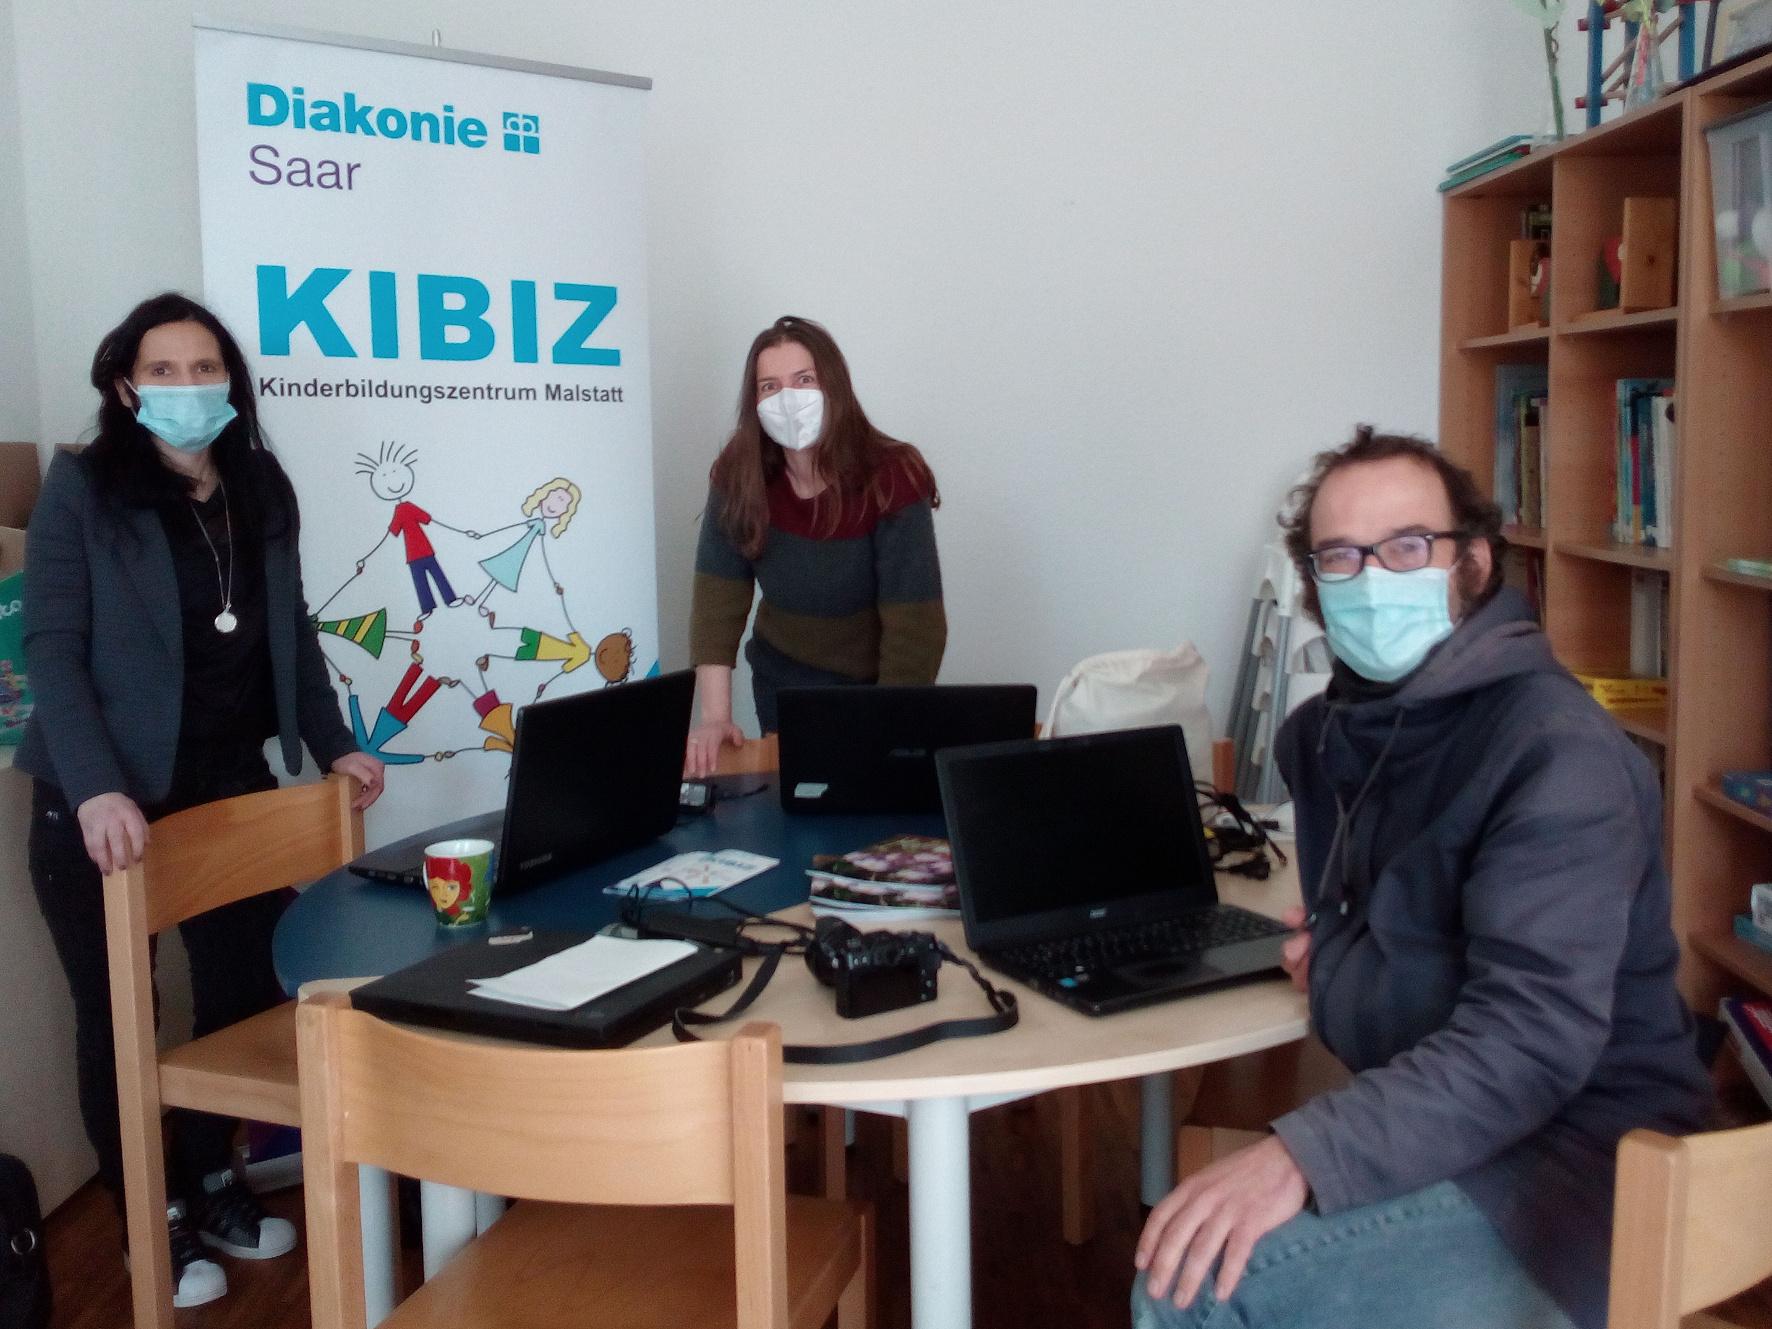 Foto: Diakonie Saar / Witkowska